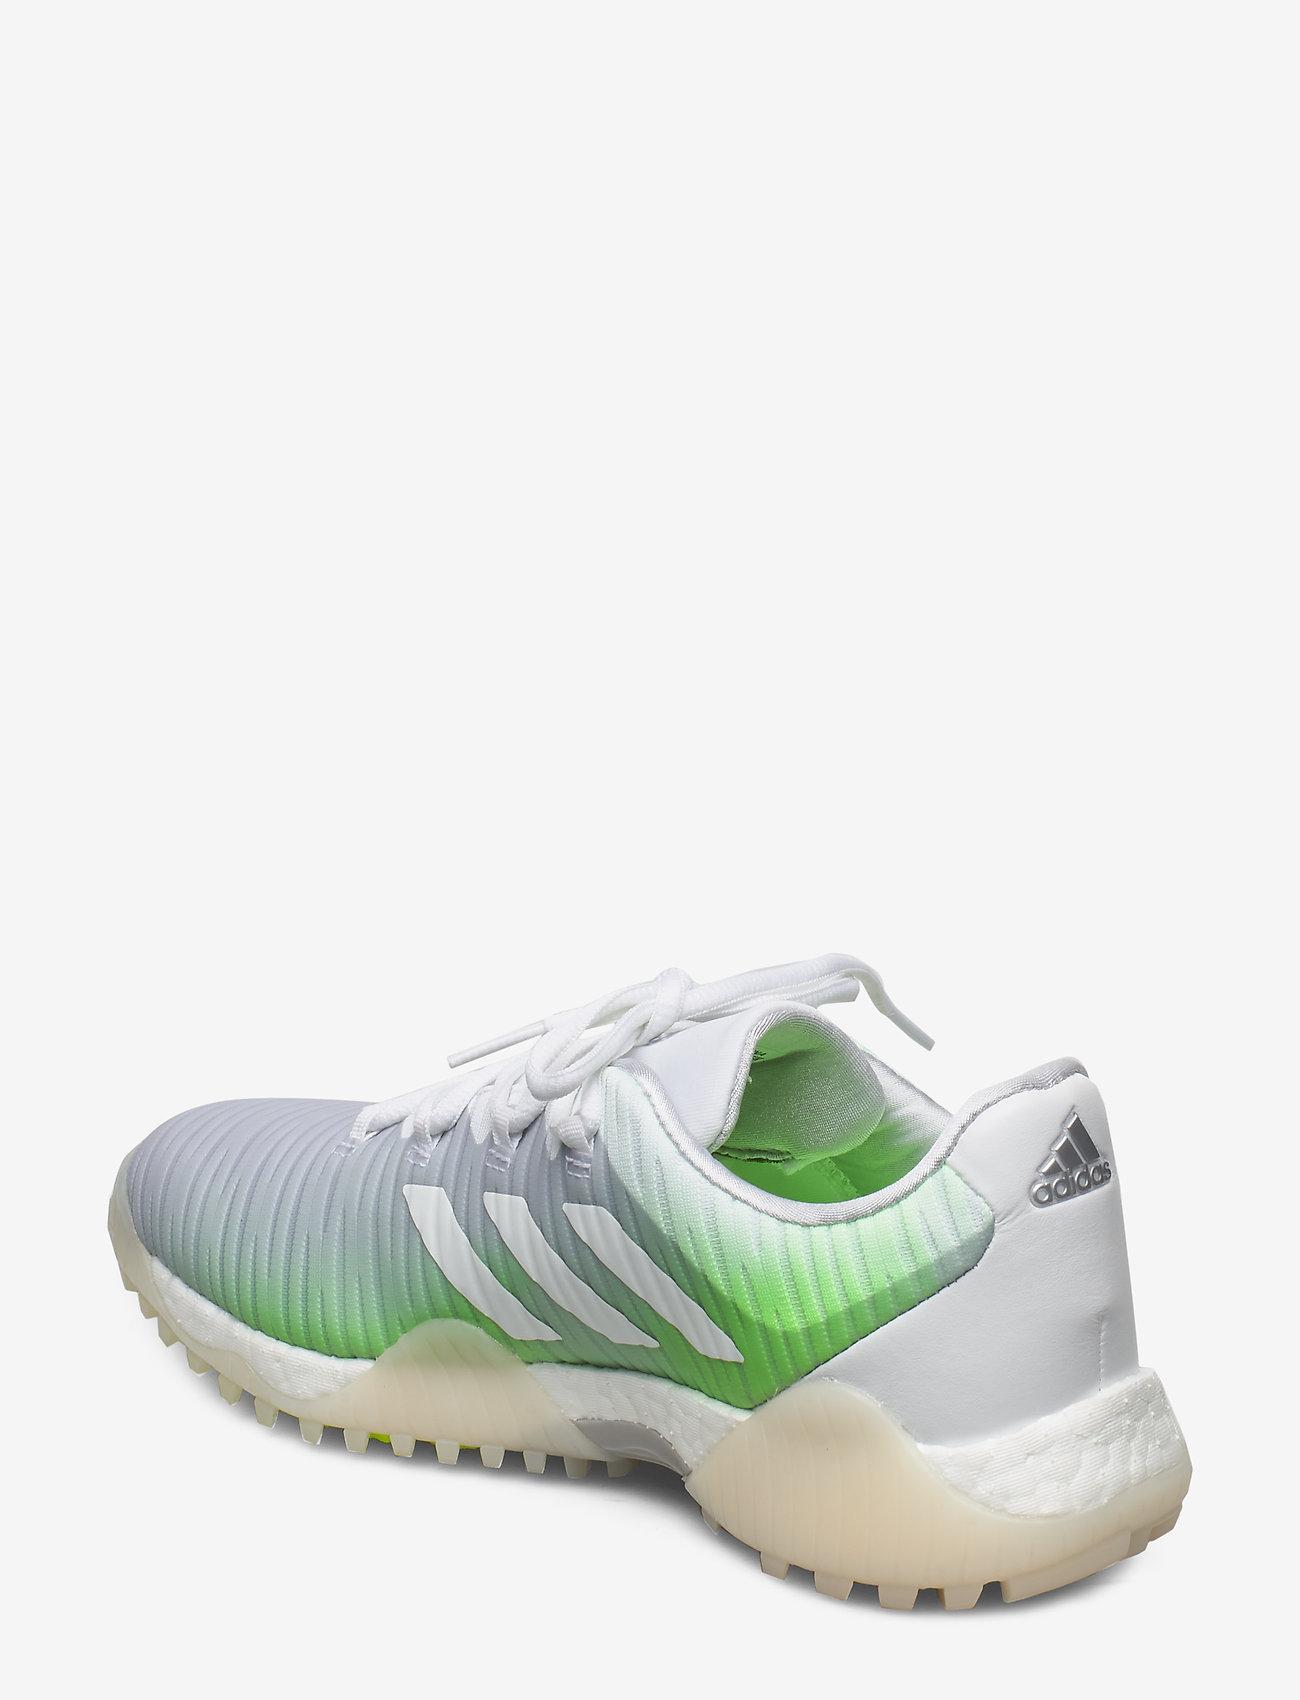 W Codechaos (Ftwwht/ftwwht/siggnr) - adidas Golf